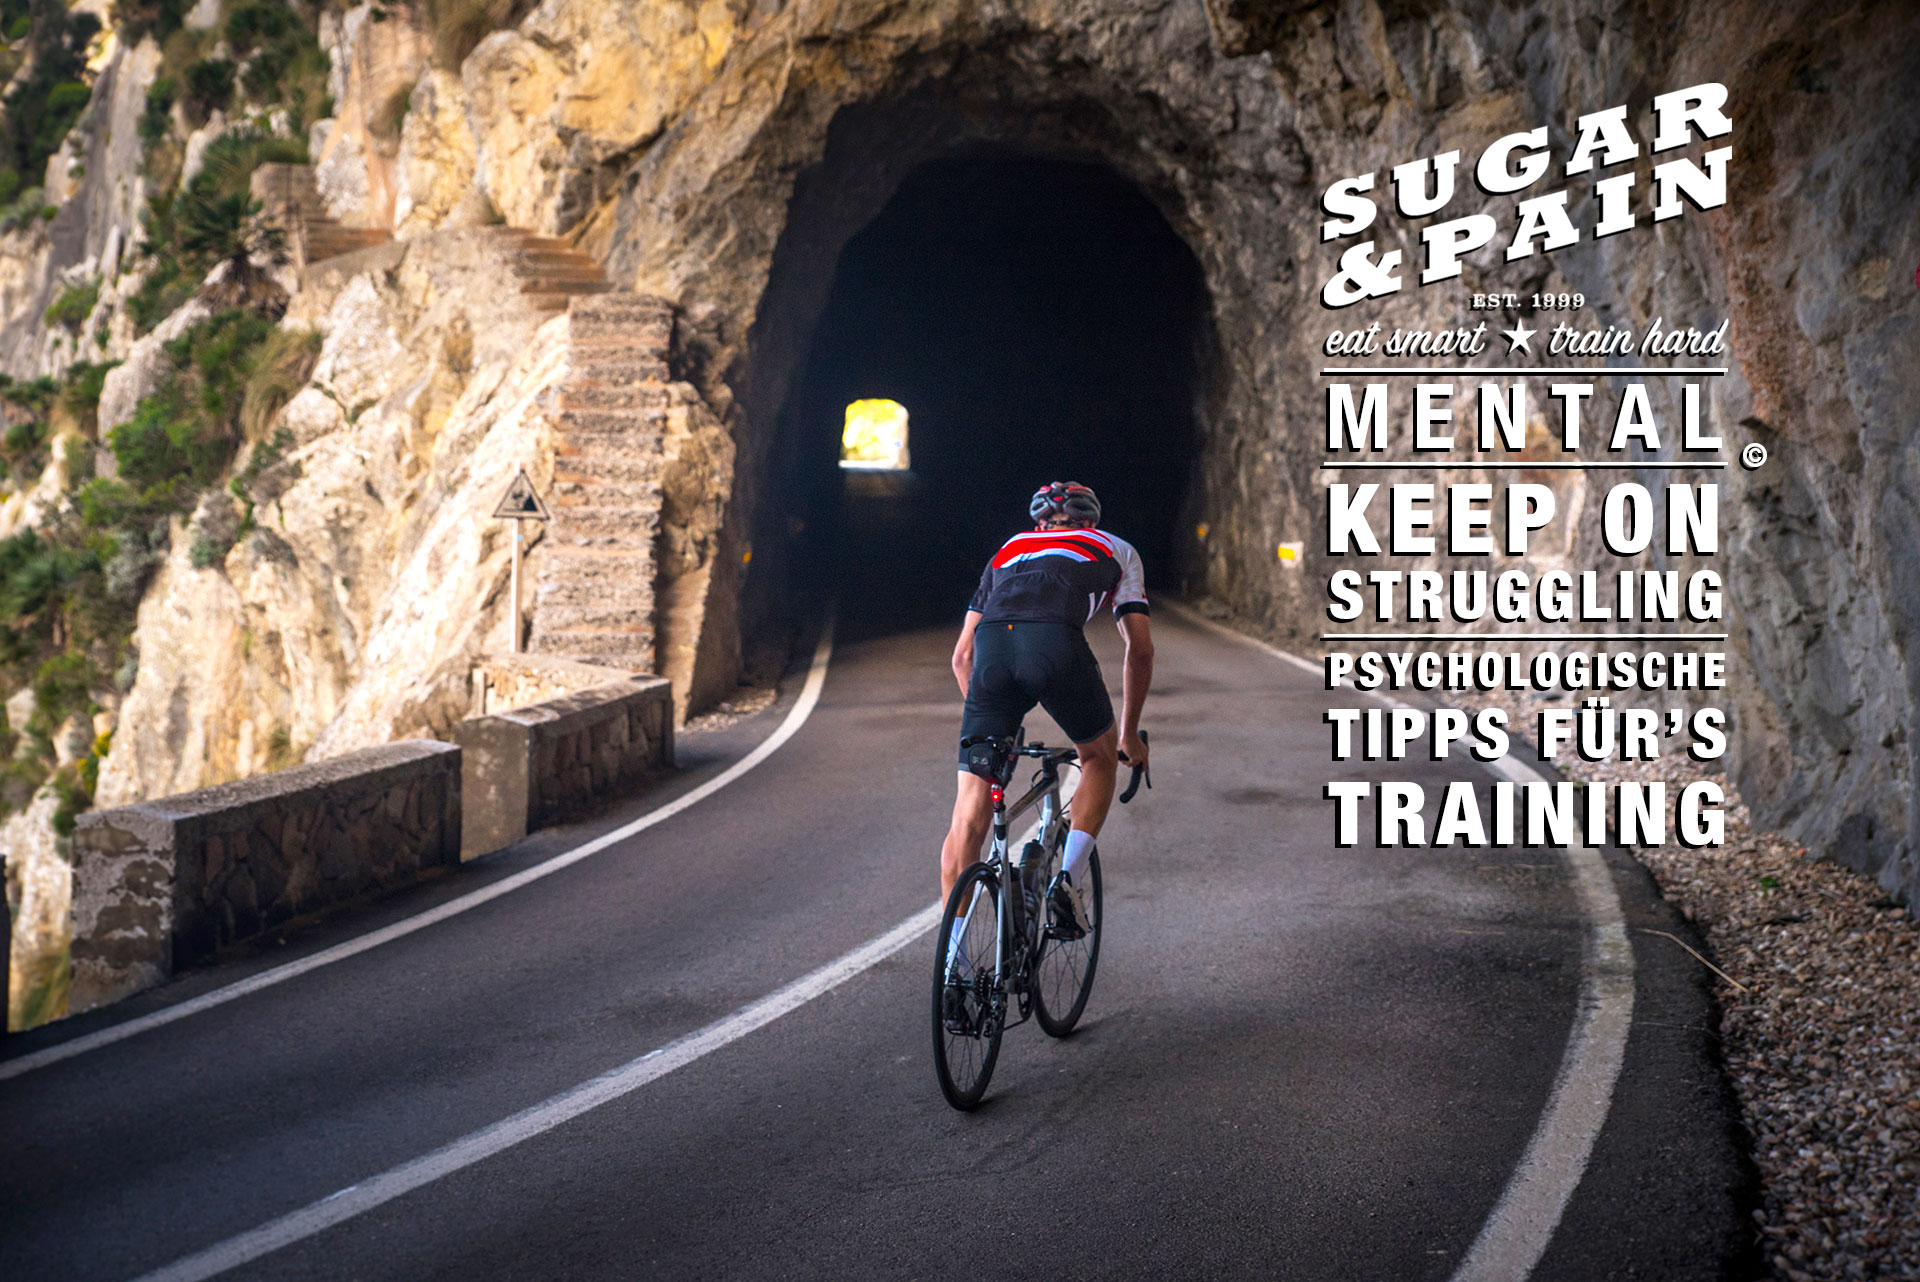 Weiterstrampeln in herausfordernden Zeiten im Triathlon – Ein Licht am Ende des Tunnels © sugarandpain.de / Adobe Stock